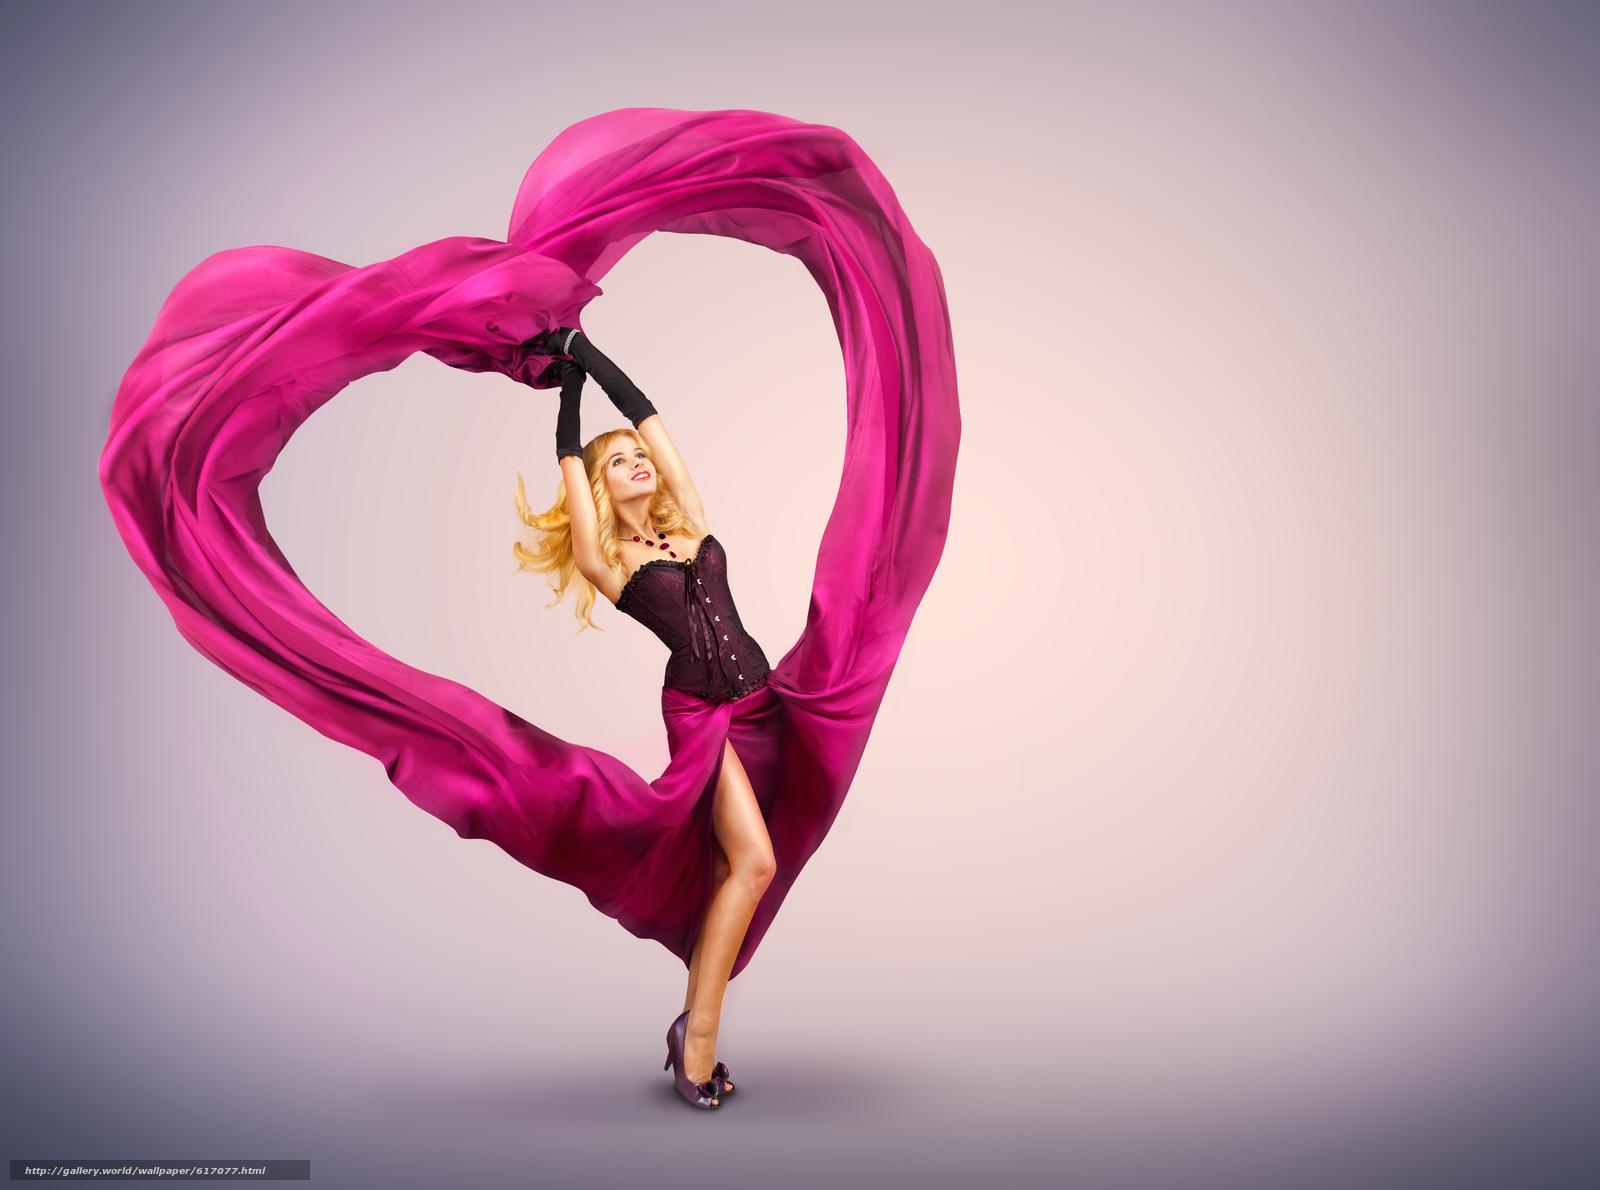 Скачать на телефон обои фото картинку на тему валентинка, девушка, платье, разширение 5513x4100